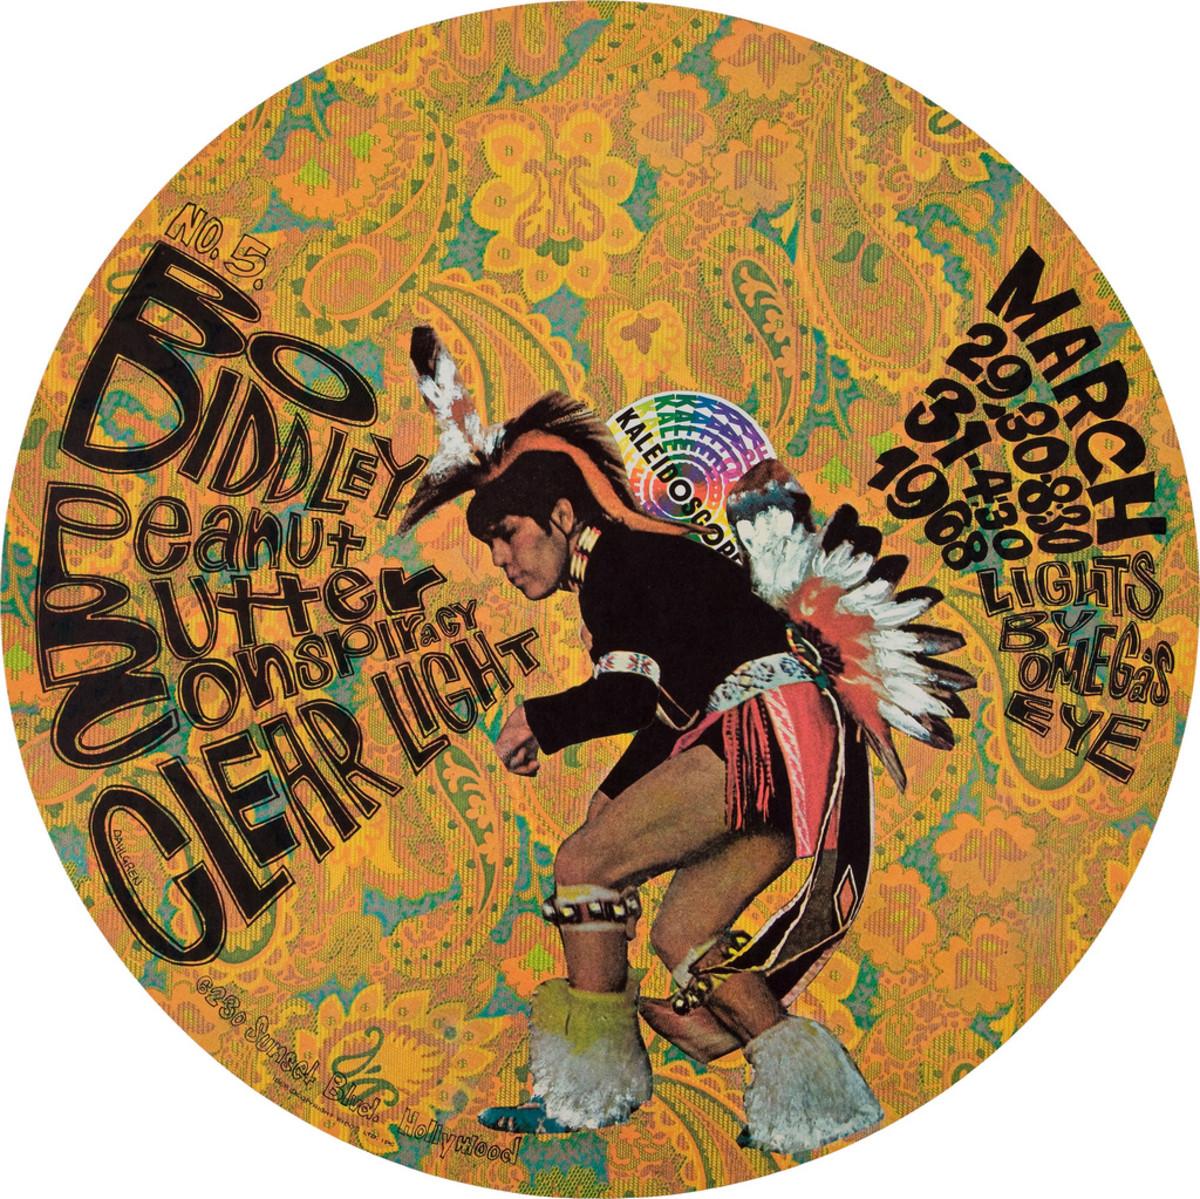 Bo Diddley, Peanut Butter Conspiracy, Clear Light, Kaleidoscope Concert Poster (1968)  Poster #5 In Series Art by Dick Dahlgren,